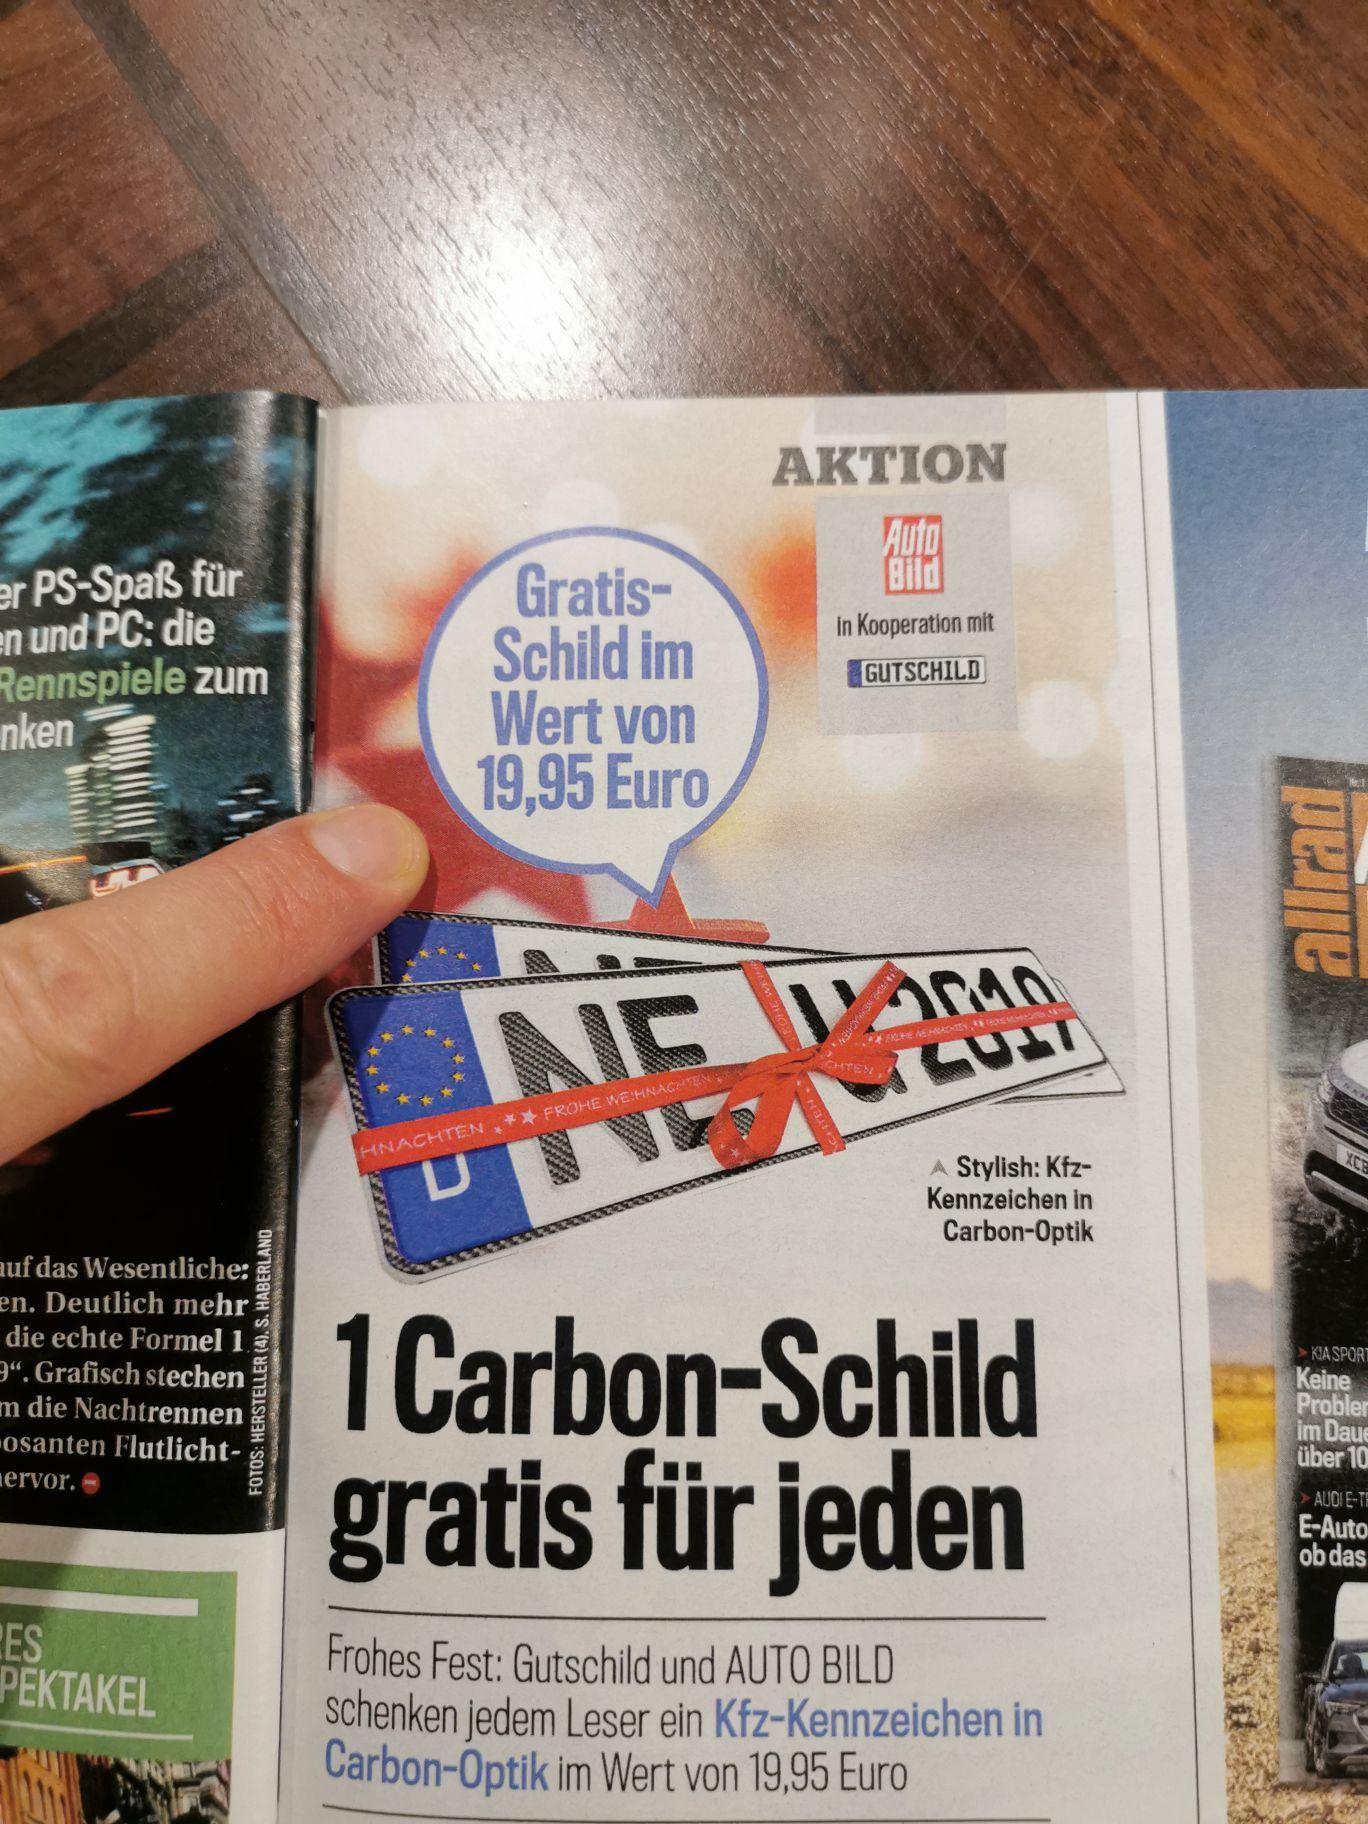 Ein Carbon-Schild gratis für jeden